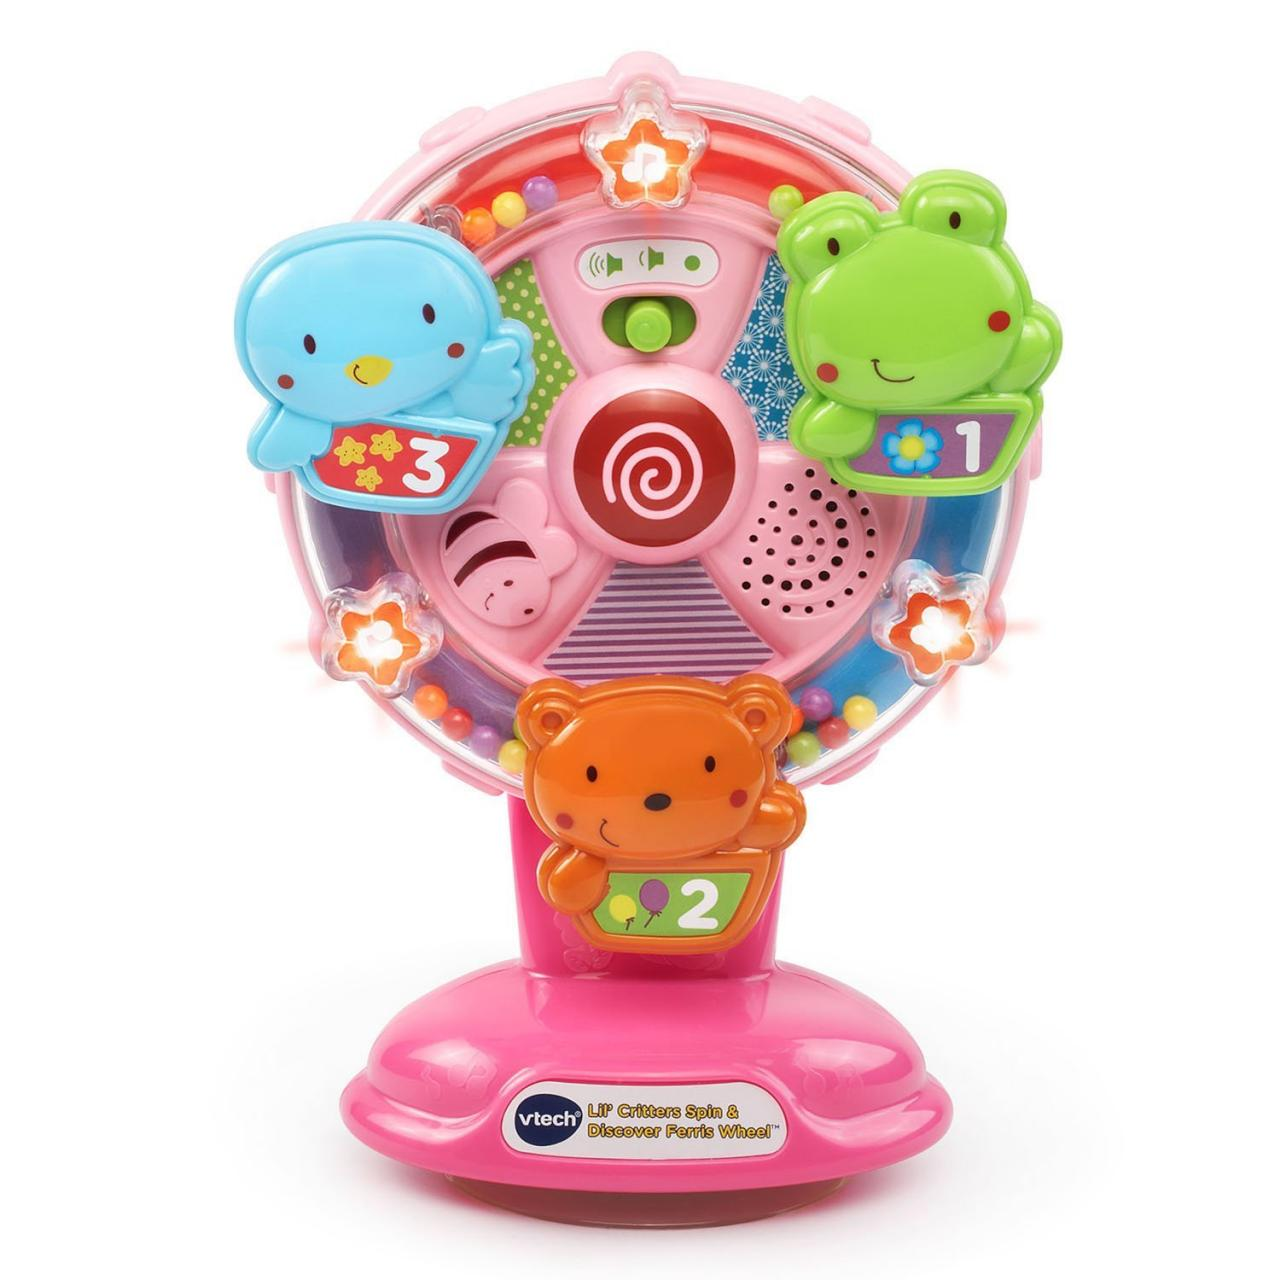 Amazon Toys 10 คีย์สินค้า ปี 2016 เก็บข้อมูลมาเสนอให้กับนักขายคนไทย อัพเดทปีล่าสุด!